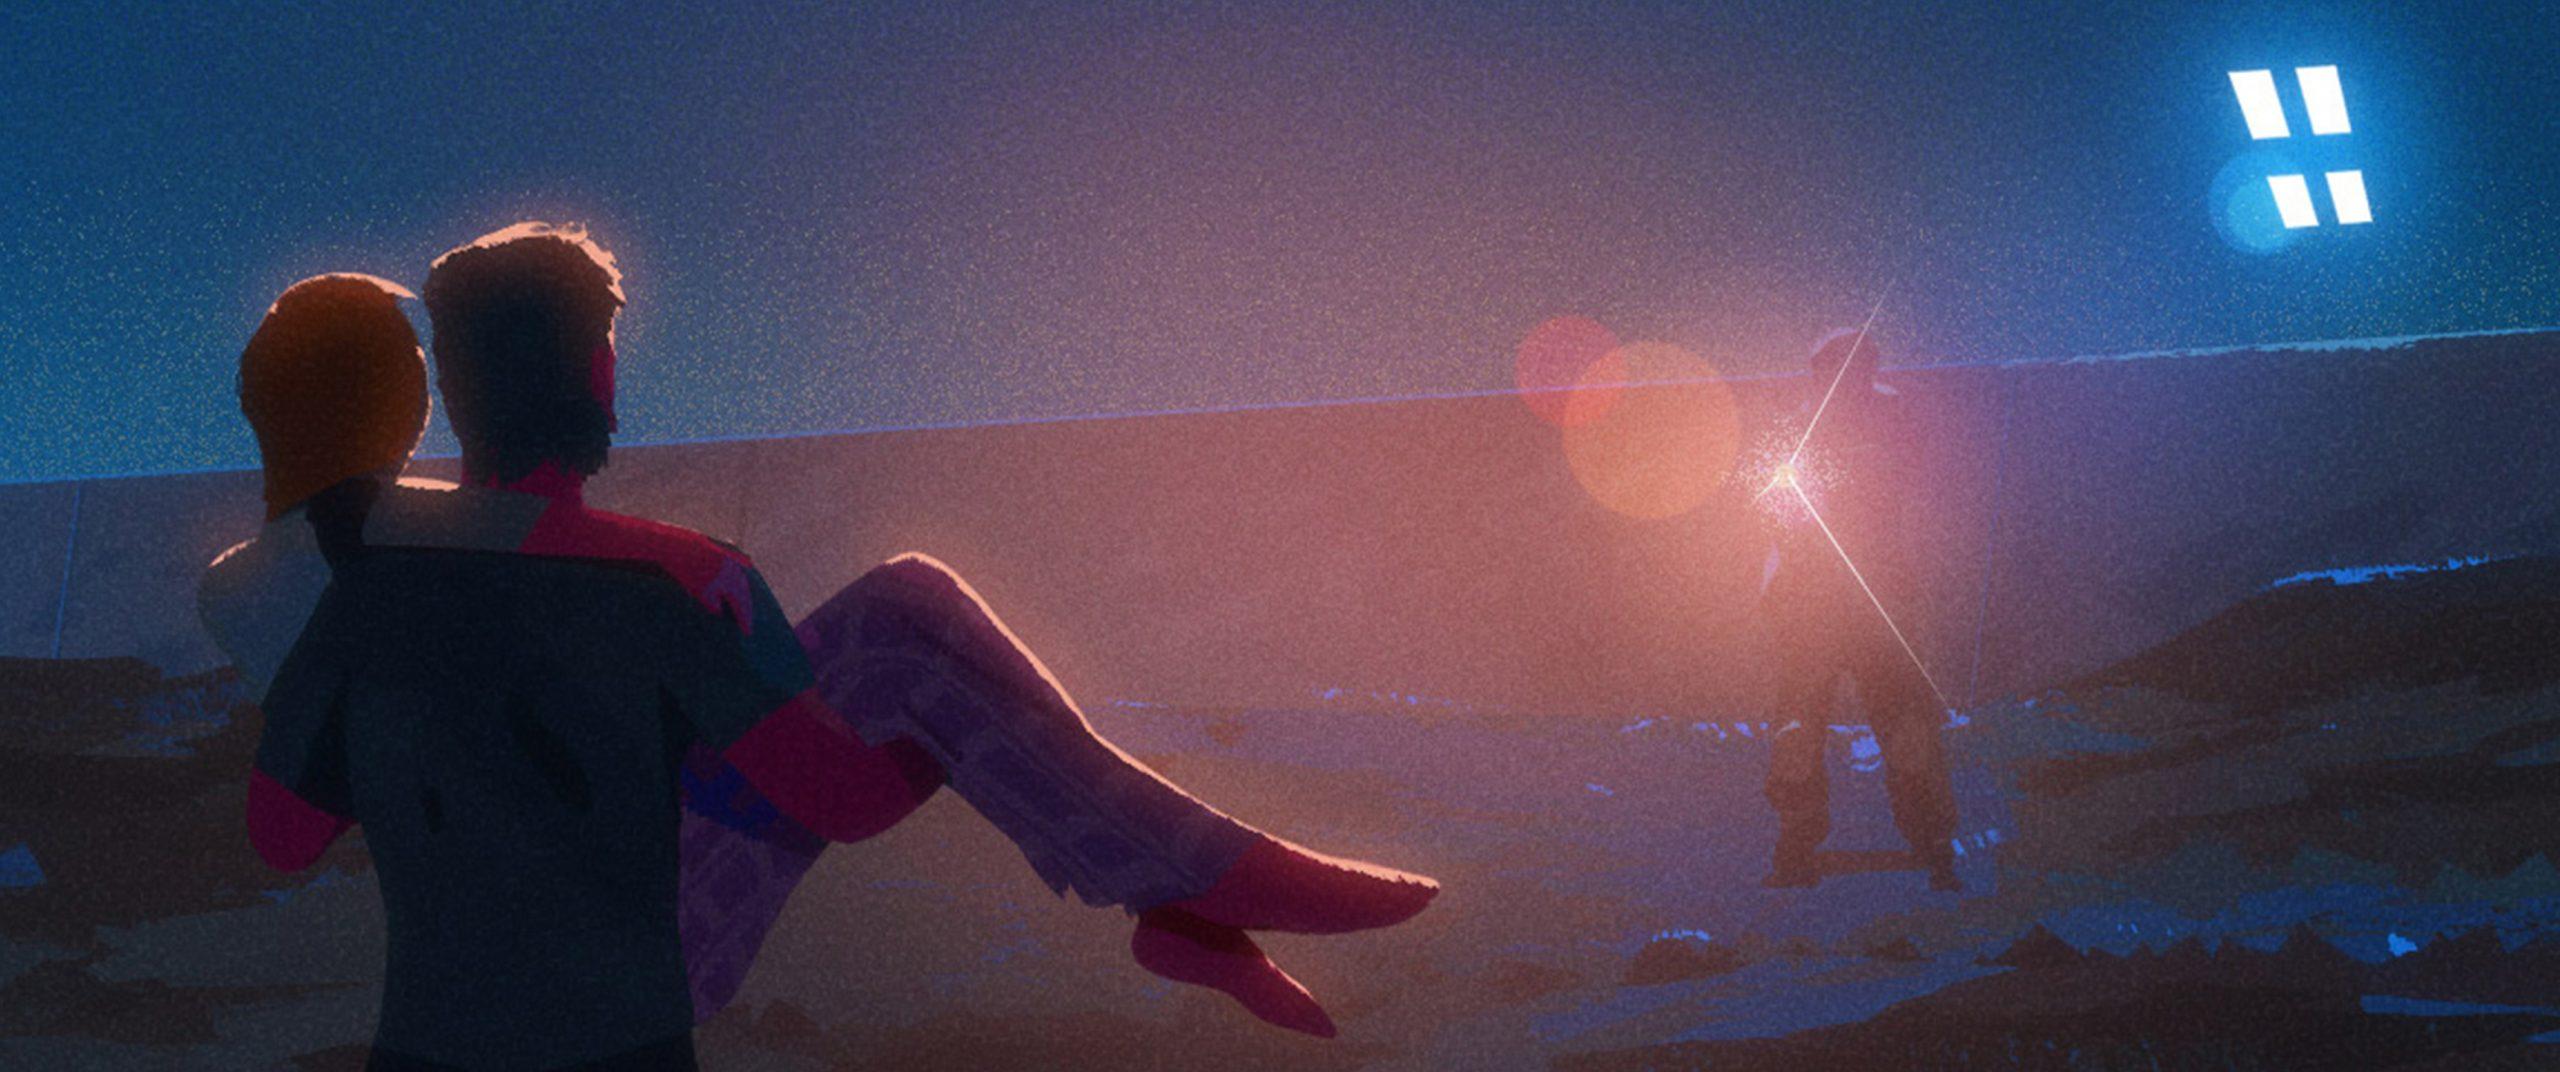 Арт: кадры из отменённого мультфильма повидеоигре The Last ofUs 6